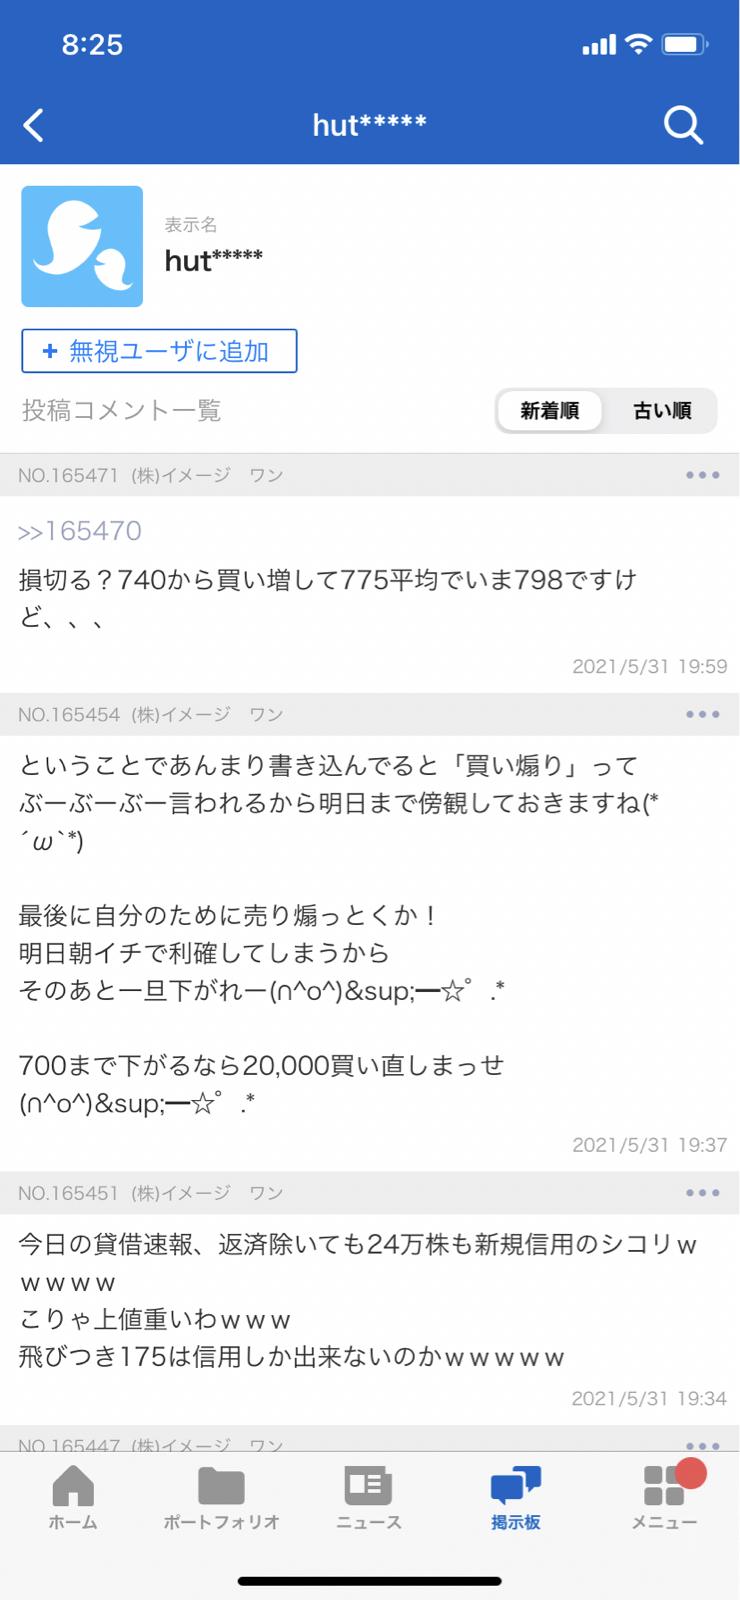 2667 - (株)イメージ ワン hut様、少し前に700円で2万株買うと言ってたのに、700円割れても買いませんでしたよね  爆損h